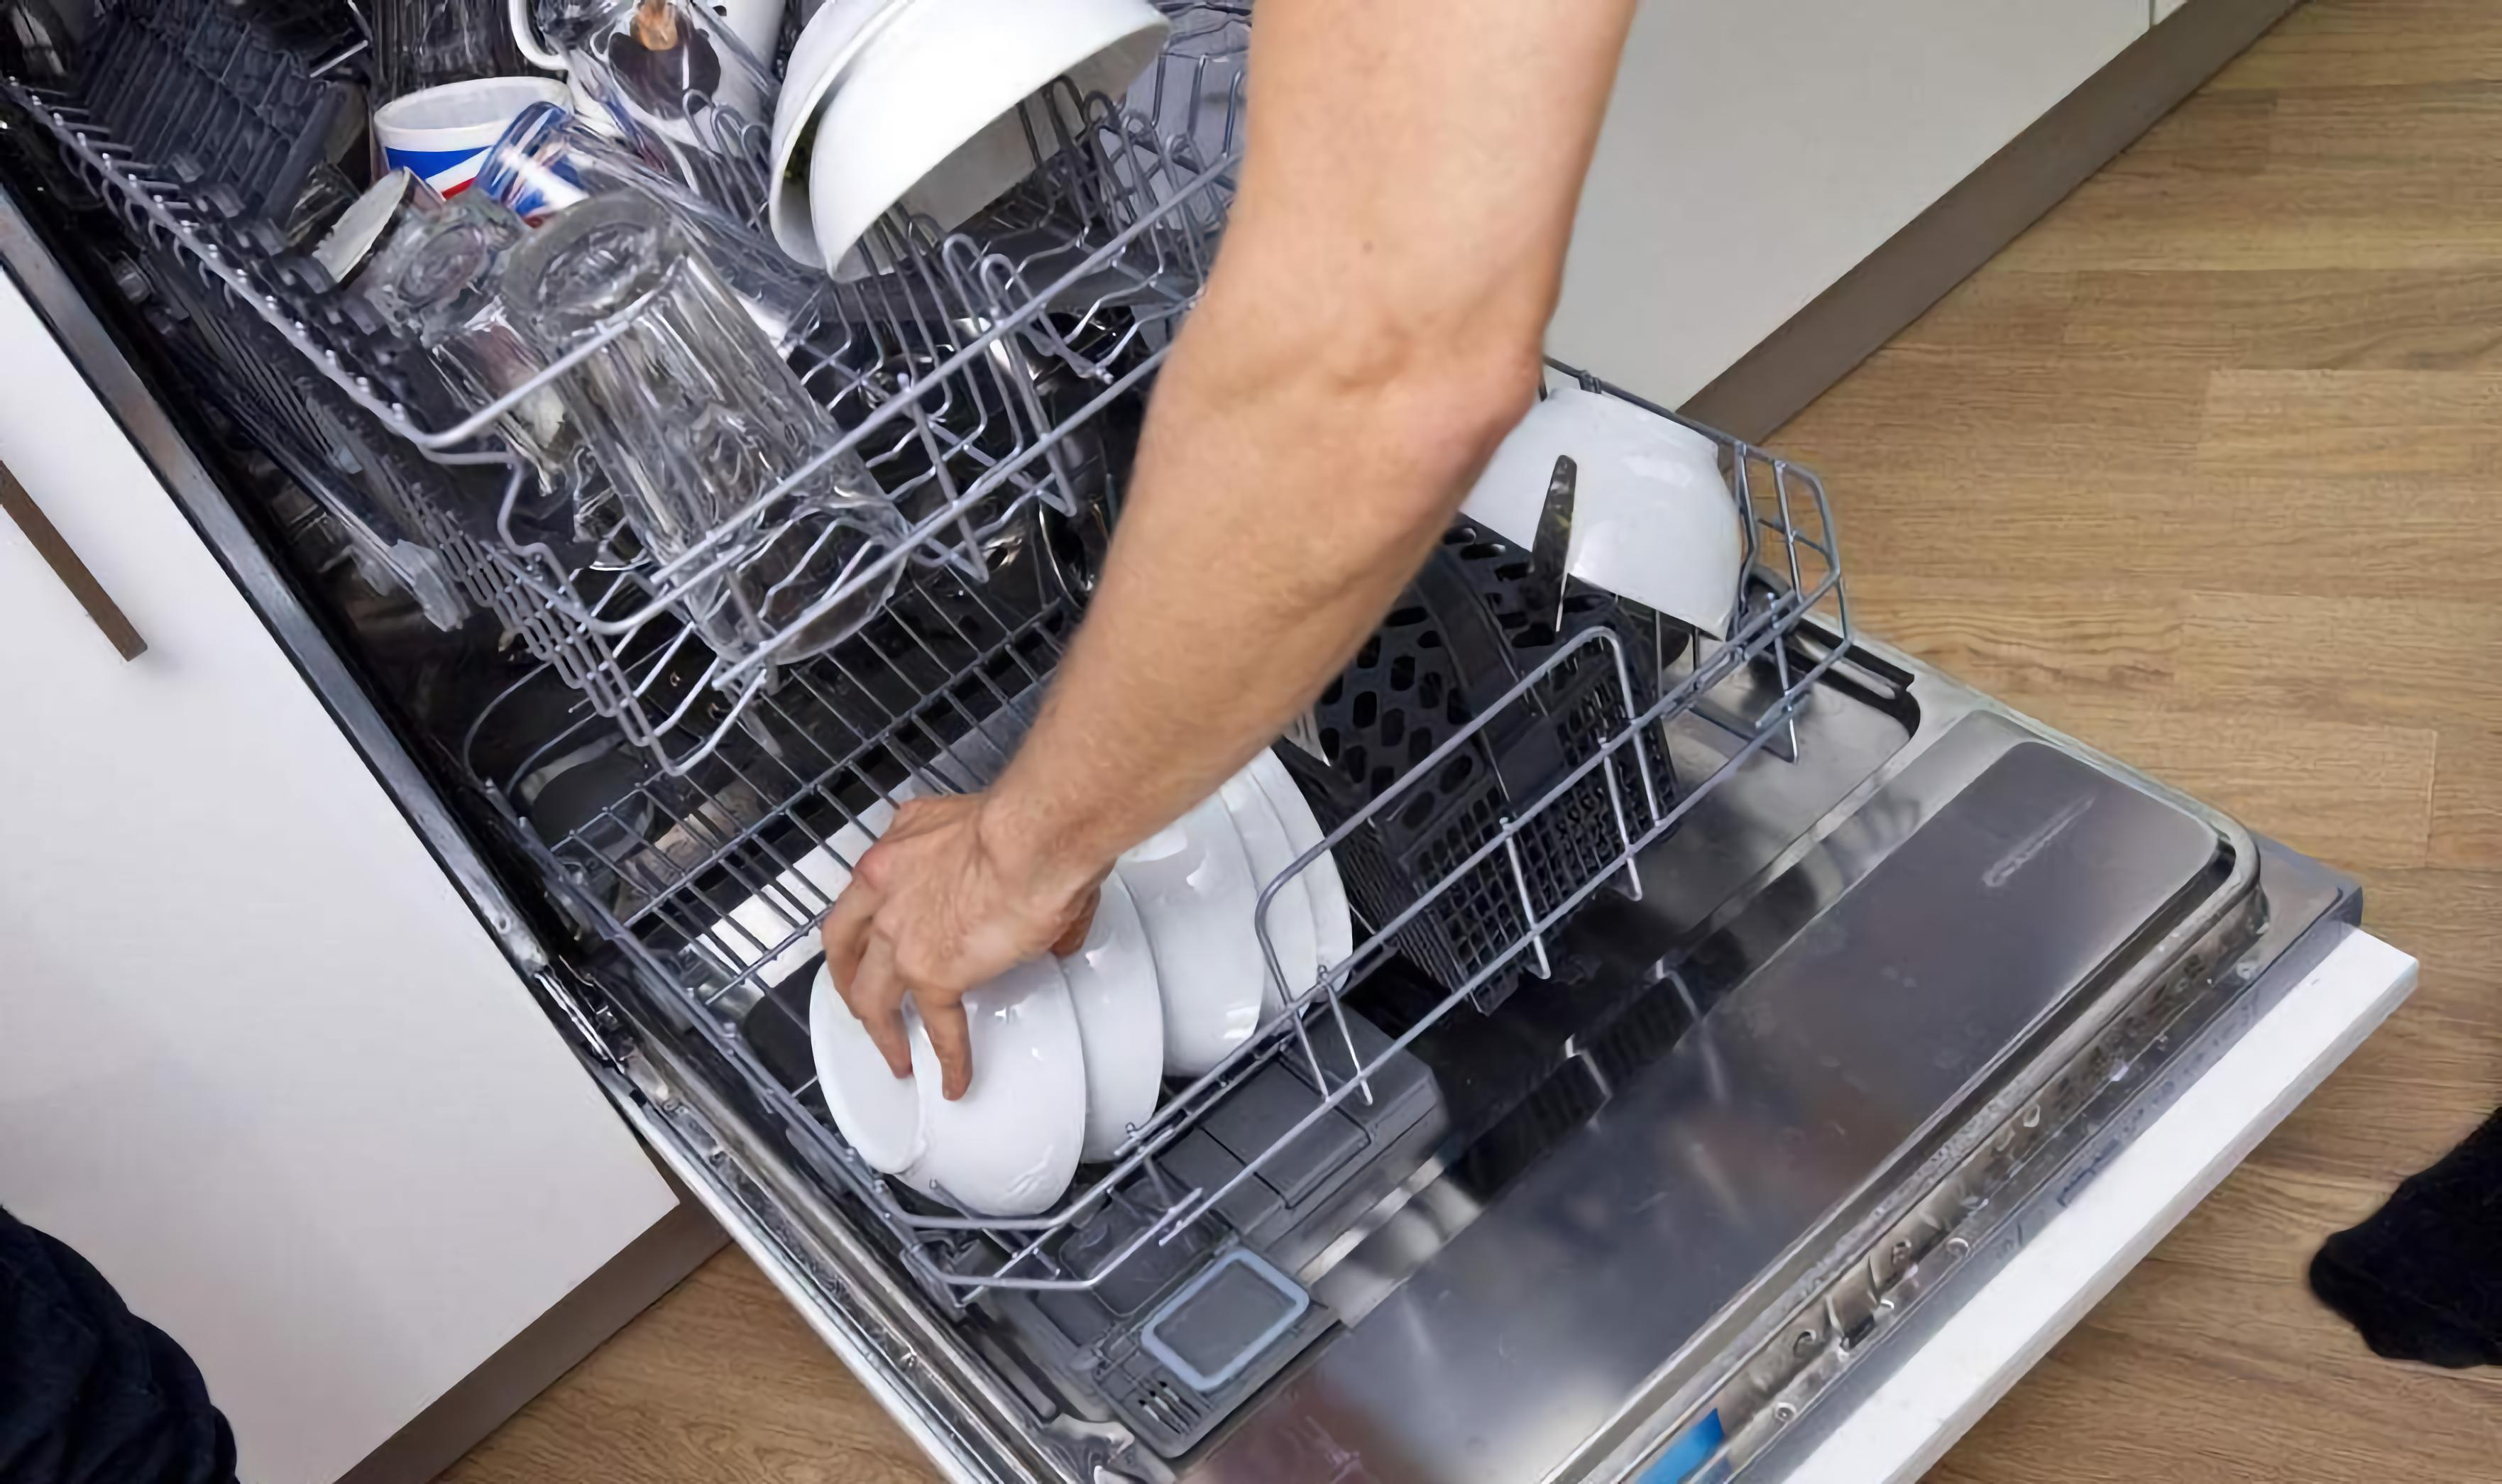 洗碗机真的很鸡肋?用过的人才知道有多好,实用又省事 家务卫生 第2张